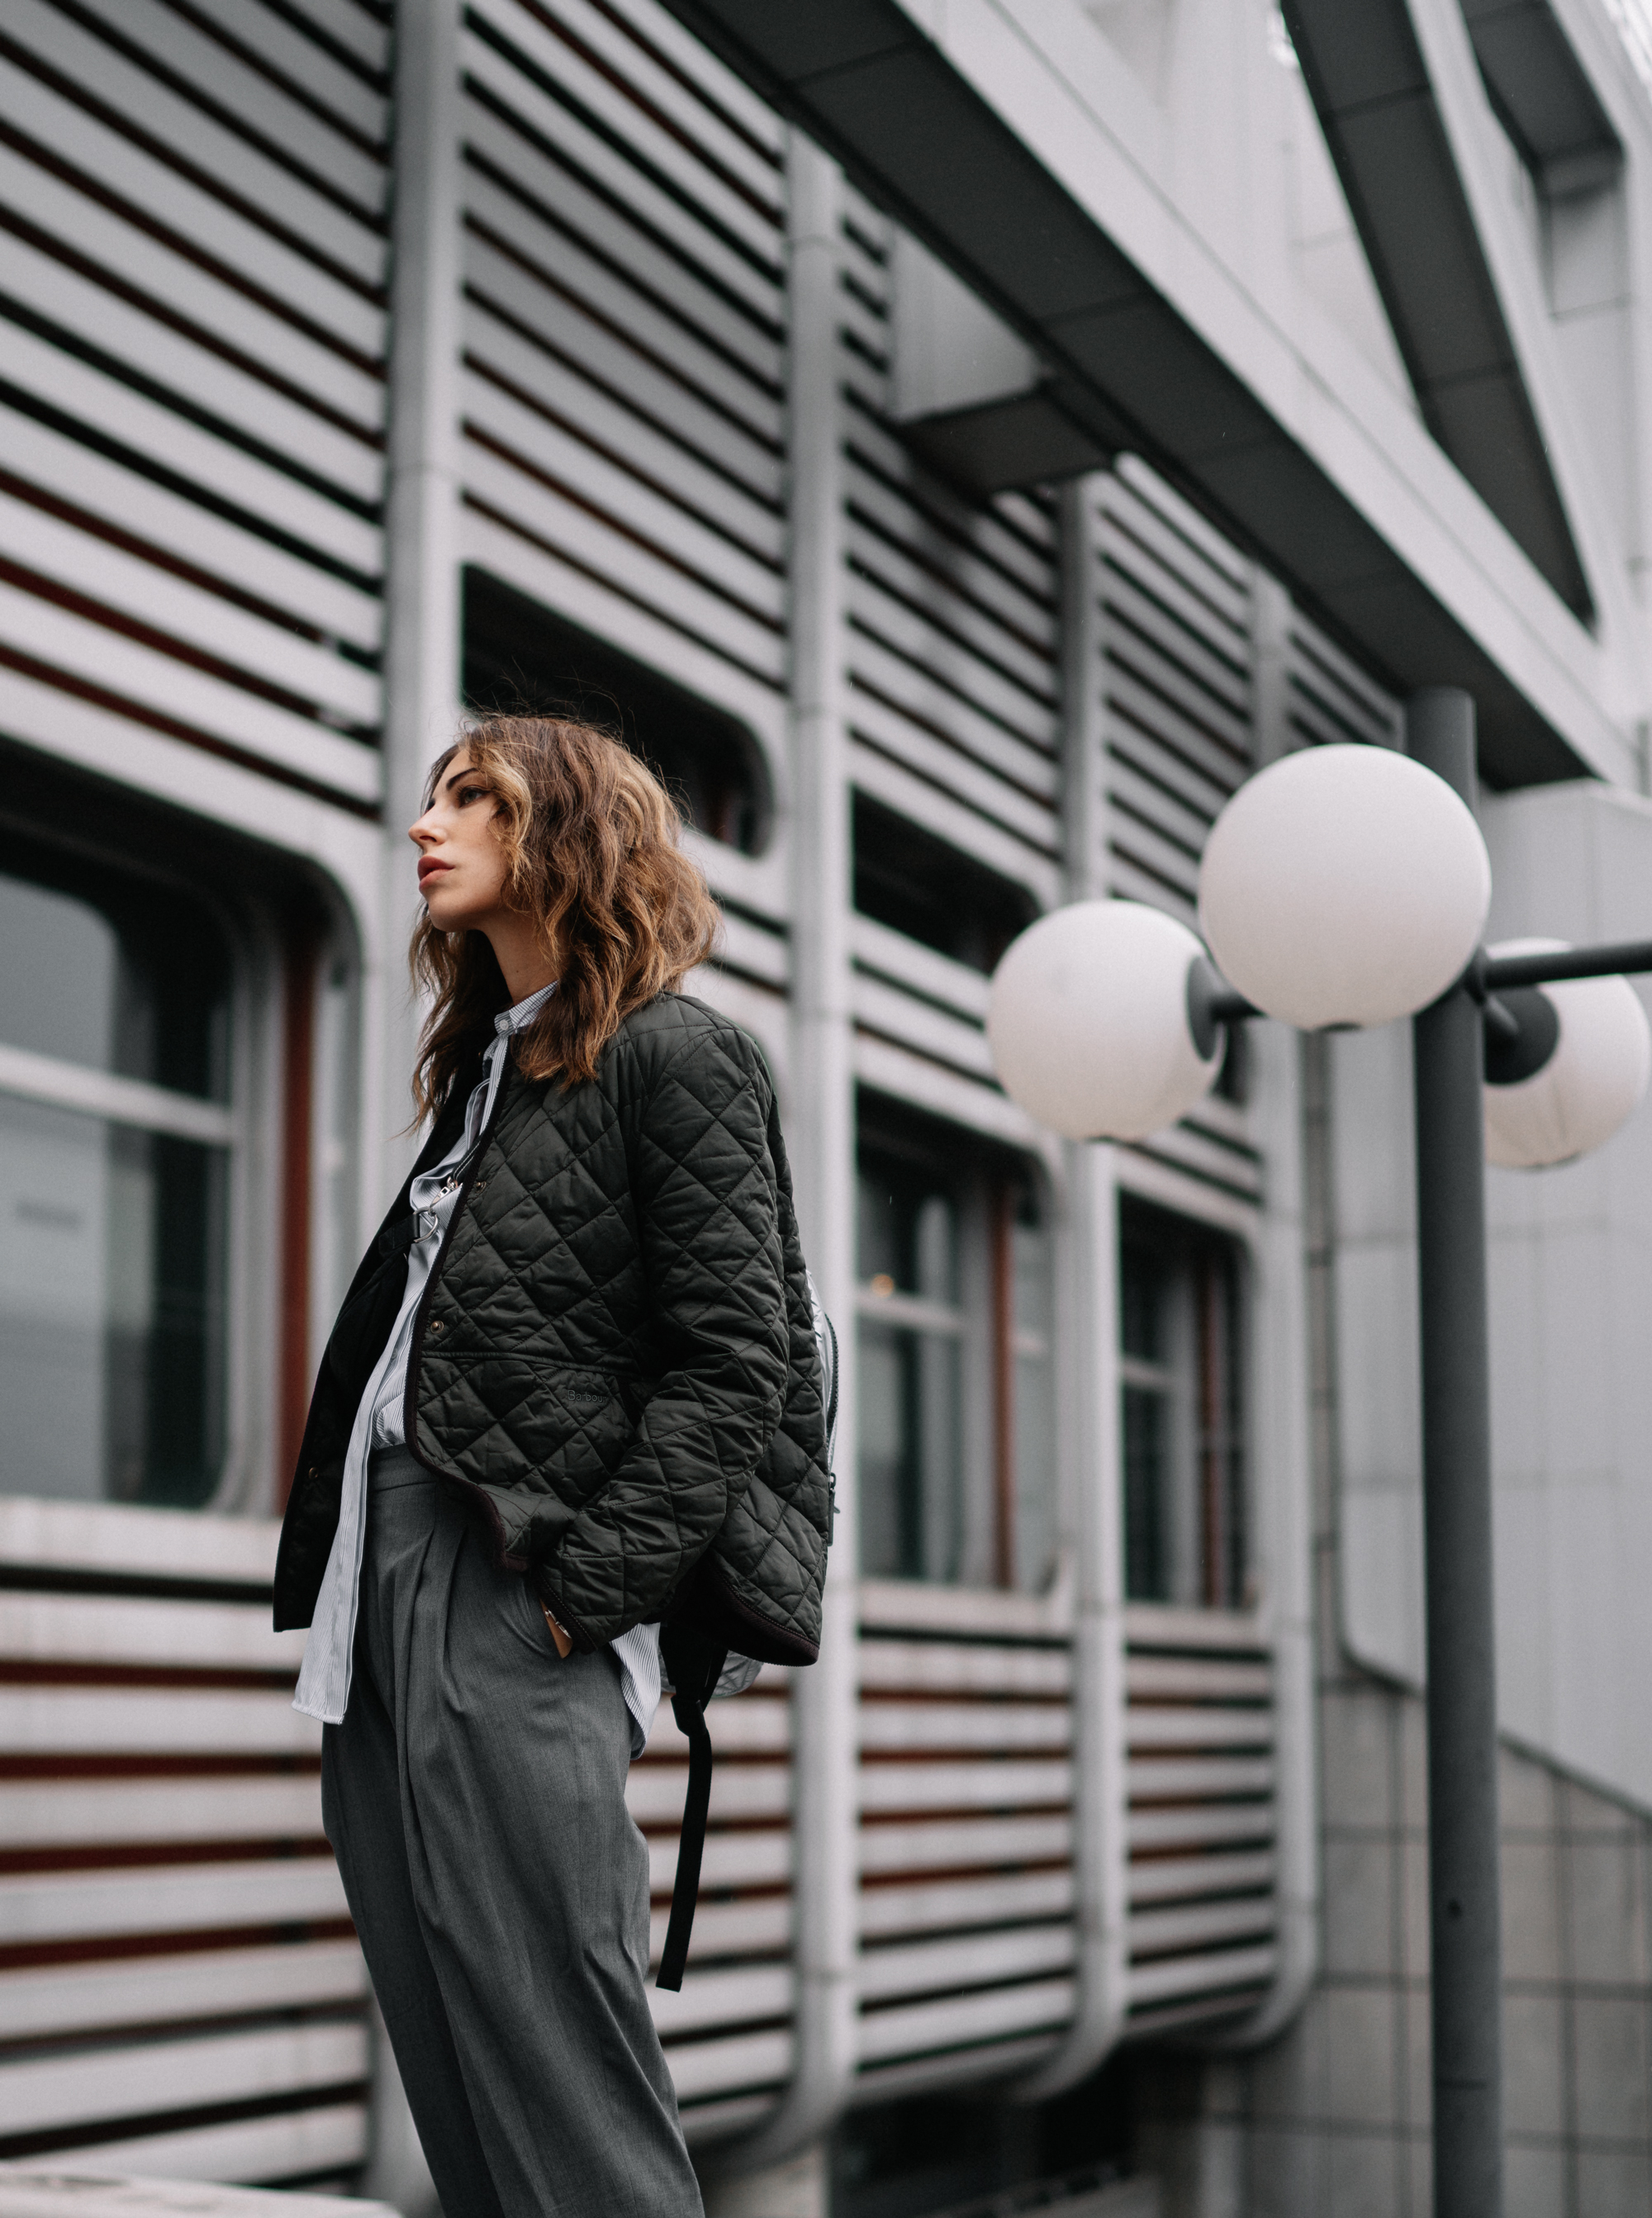 ICC Messedamm Berlin | Мода и Стиль | легкий, крутой, спортивный, атлетичный, Tomboy | одежда: кроссовки Adidas x Raf Simons, Vee Collective серебряный рюкзак, Barbour куртка | архитектурная брутальность